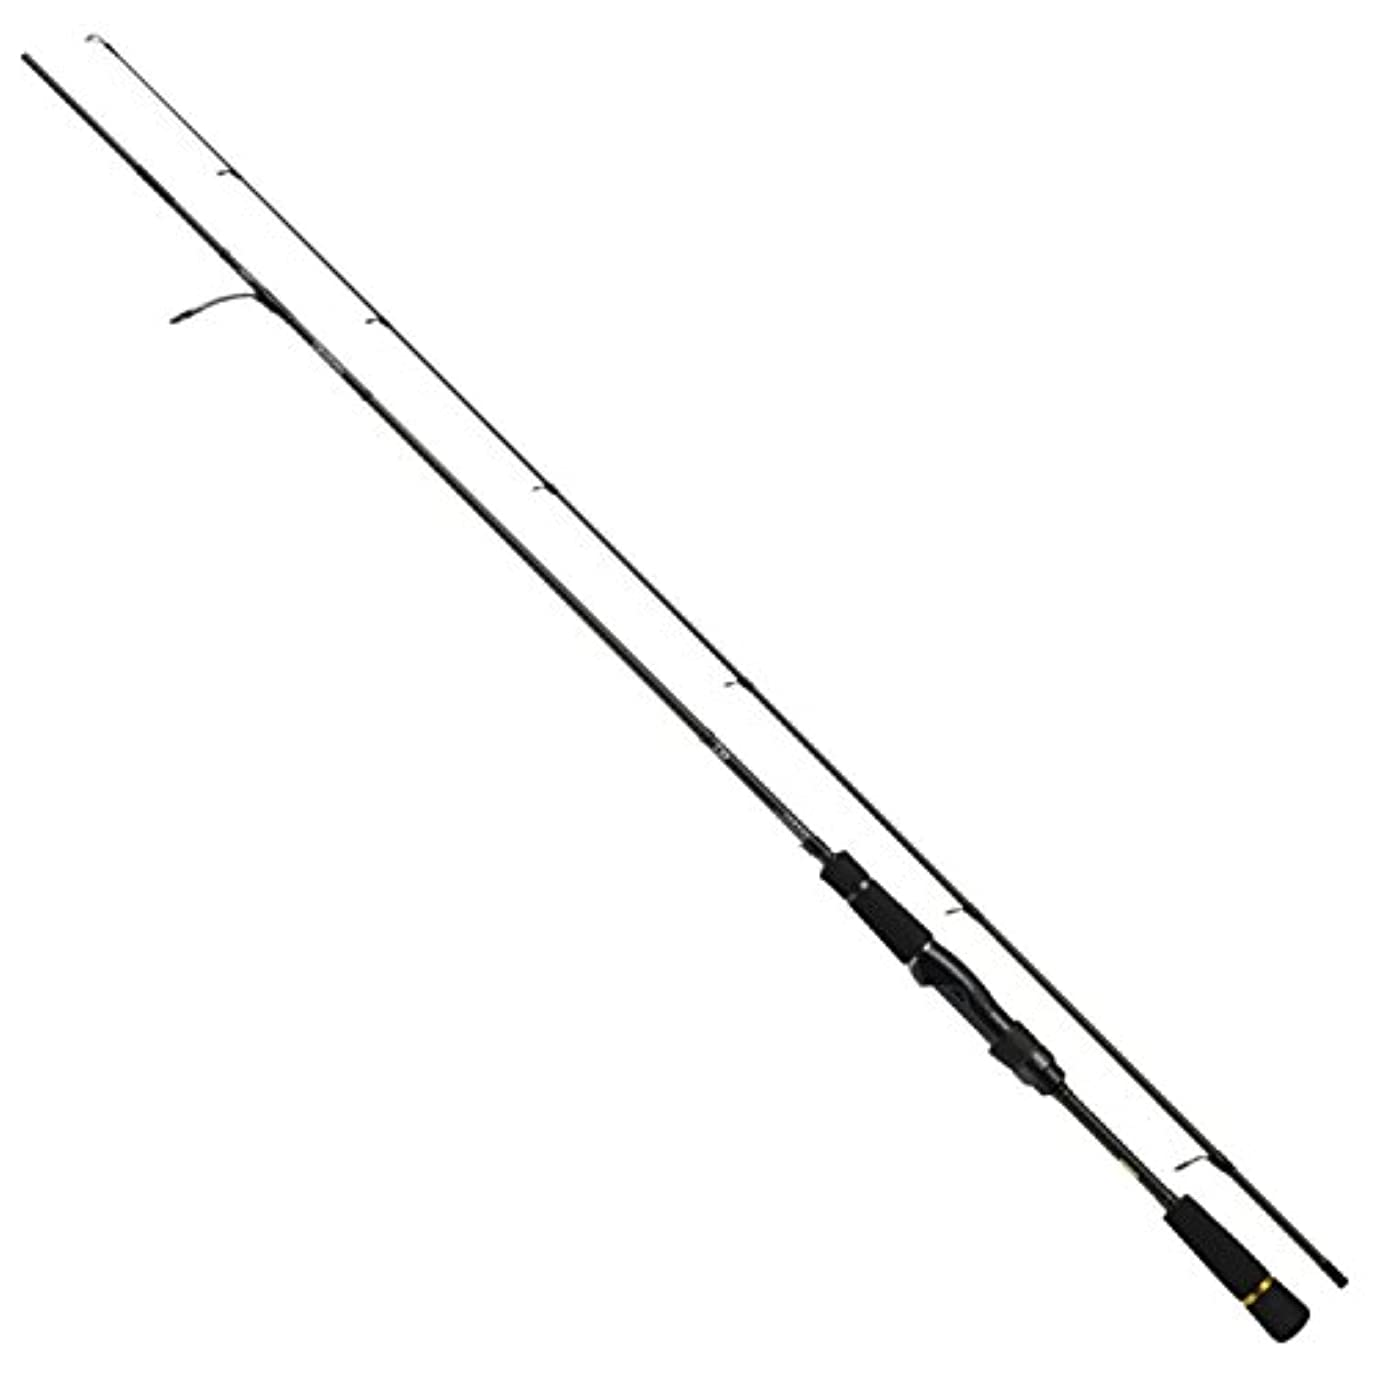 許すリビングルームそうダイワ(Daiwa) シーバスロッド ベイト ラブラックス AGS BS 65MLB 釣り竿